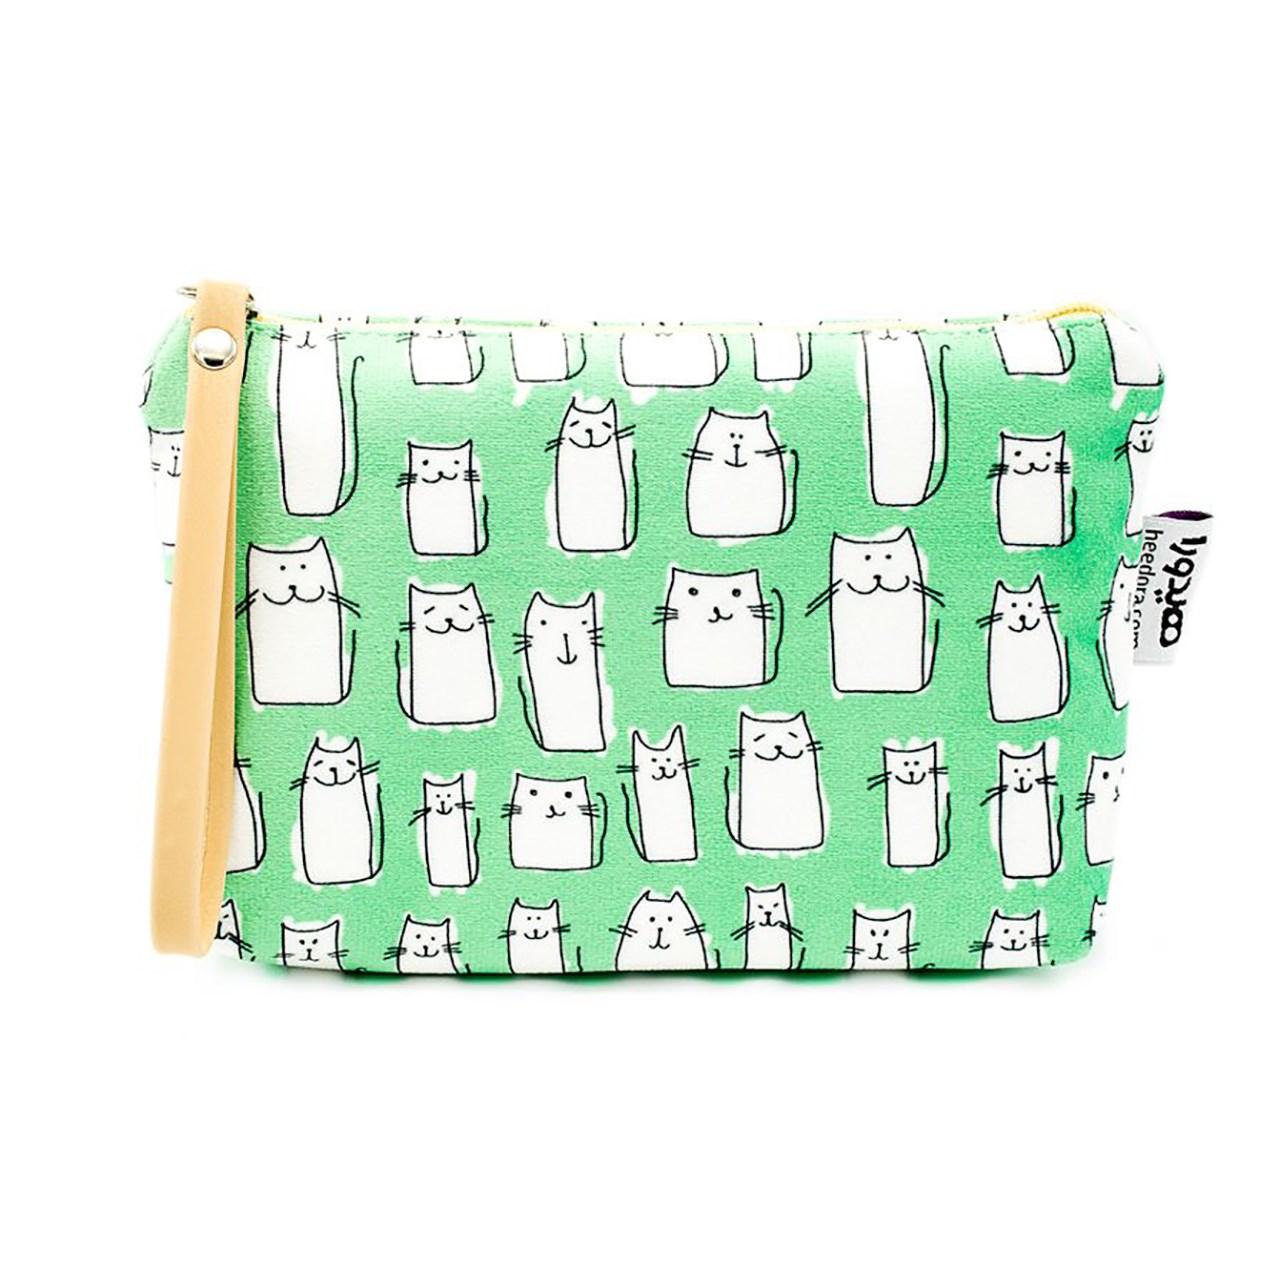 کیف لوازم آرایش هیدورا طرح گربه ها